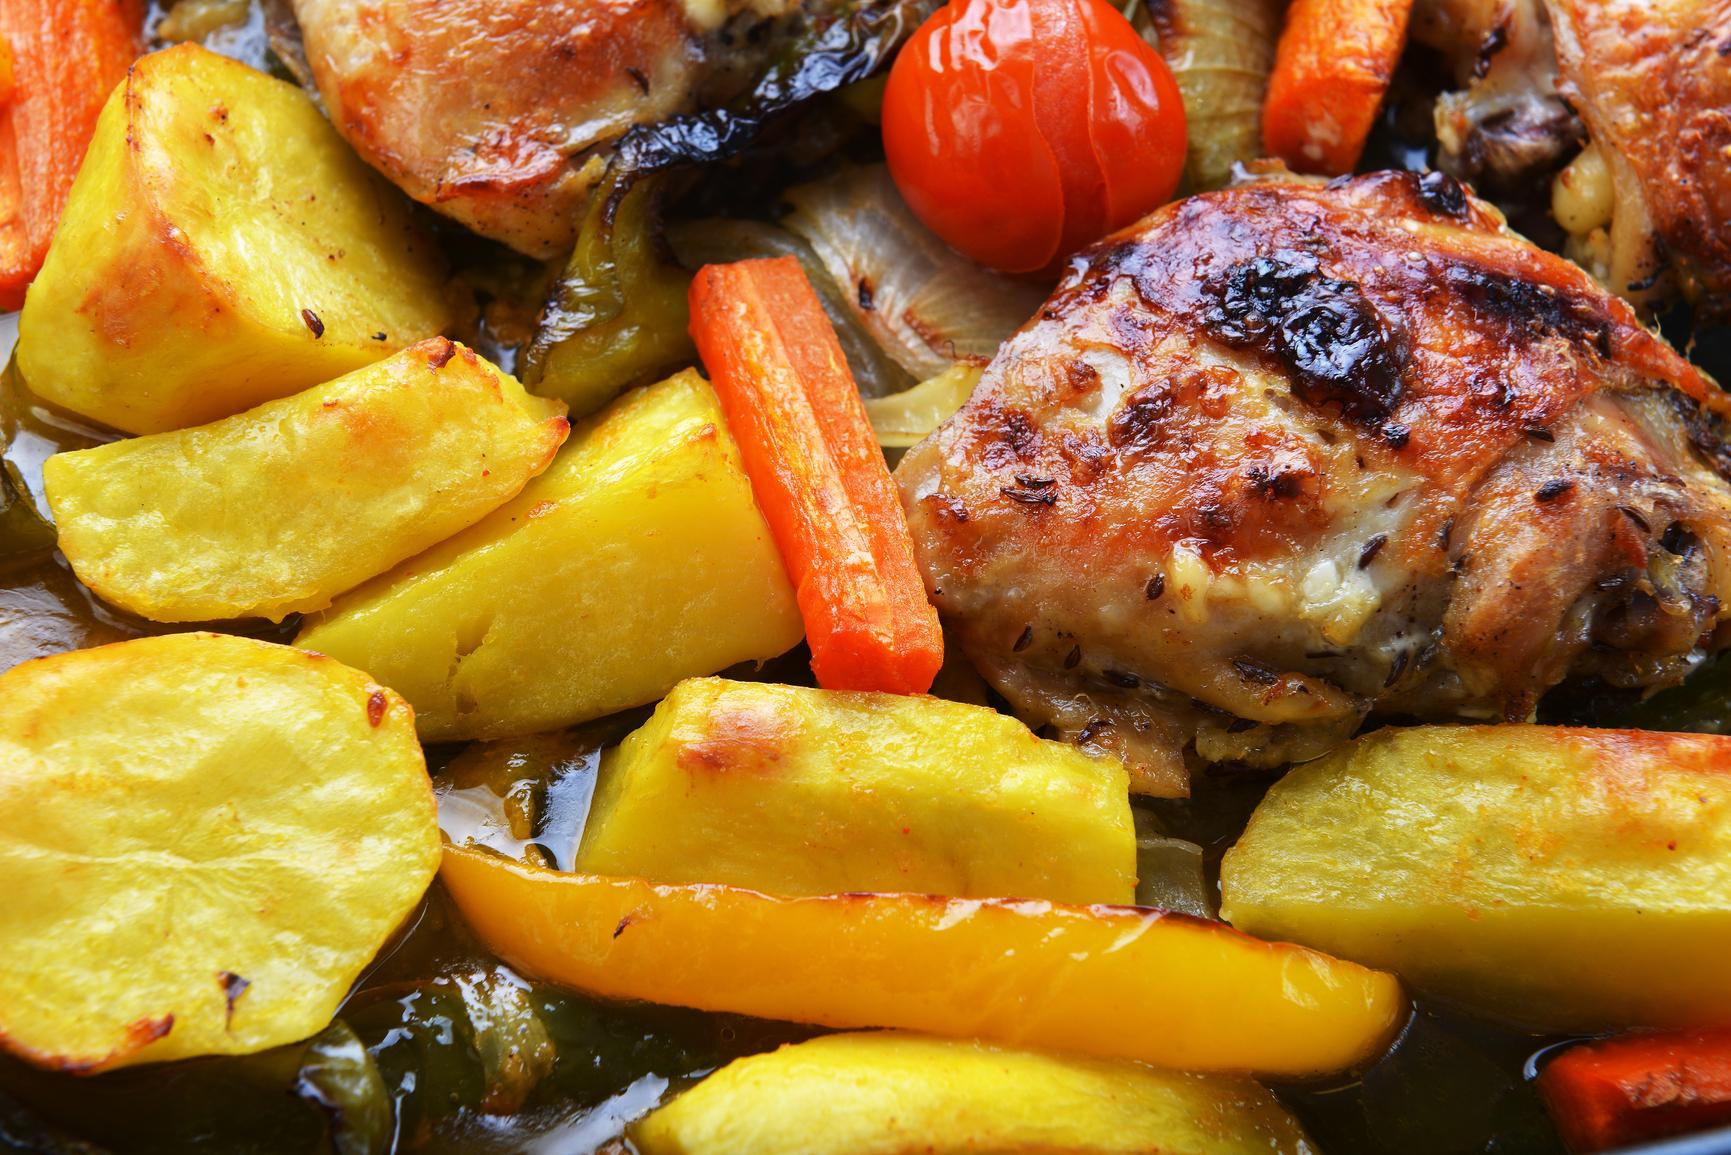 Pollo al horno con patatas doradas y pimientos asados